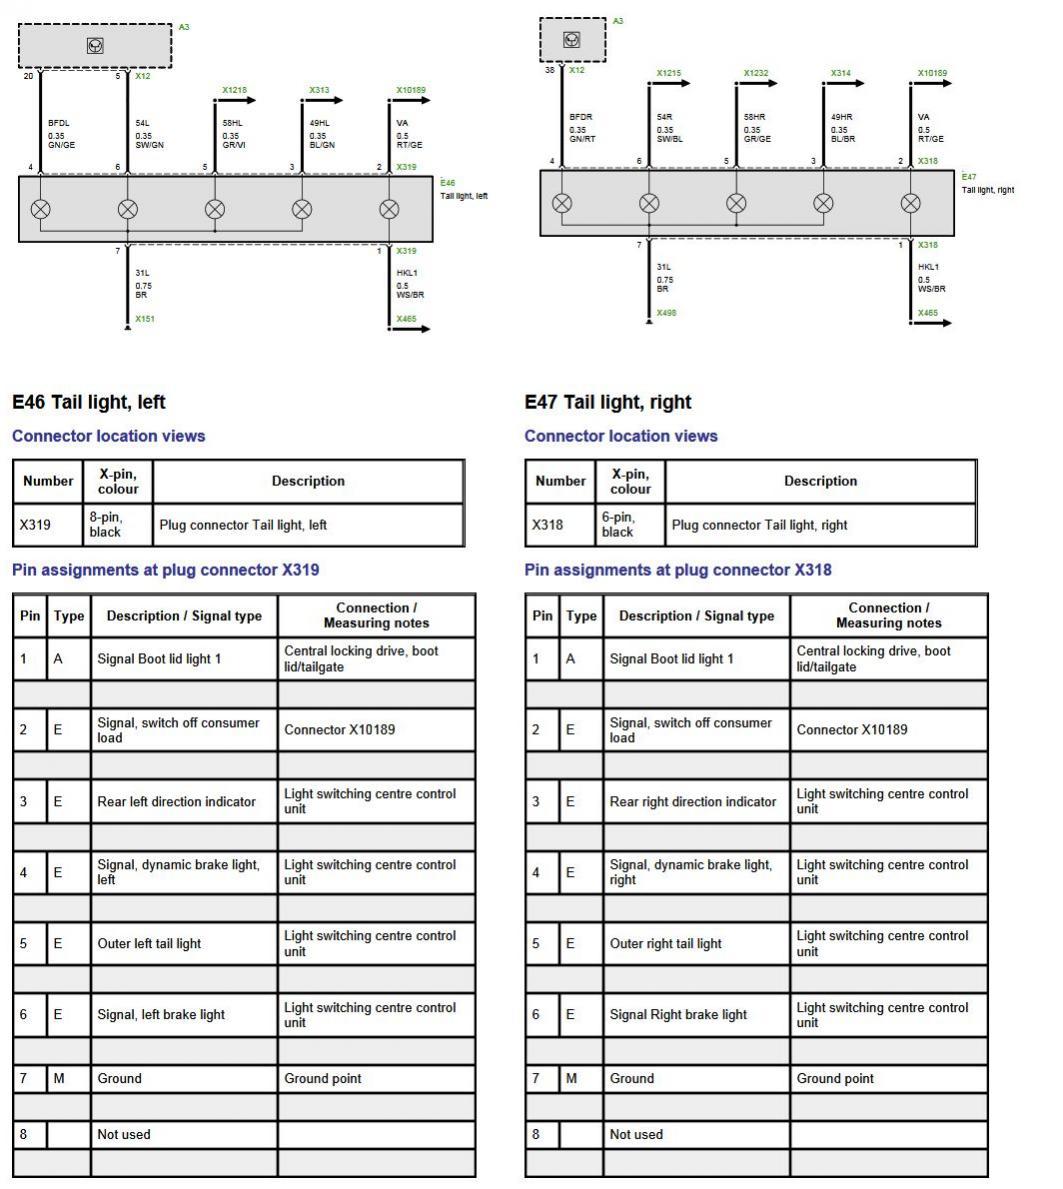 E30 map light mirror loom panjo - Attachmentp Attachmentid 416472 D 1315771368 Bmw E61 Fuse Diagram